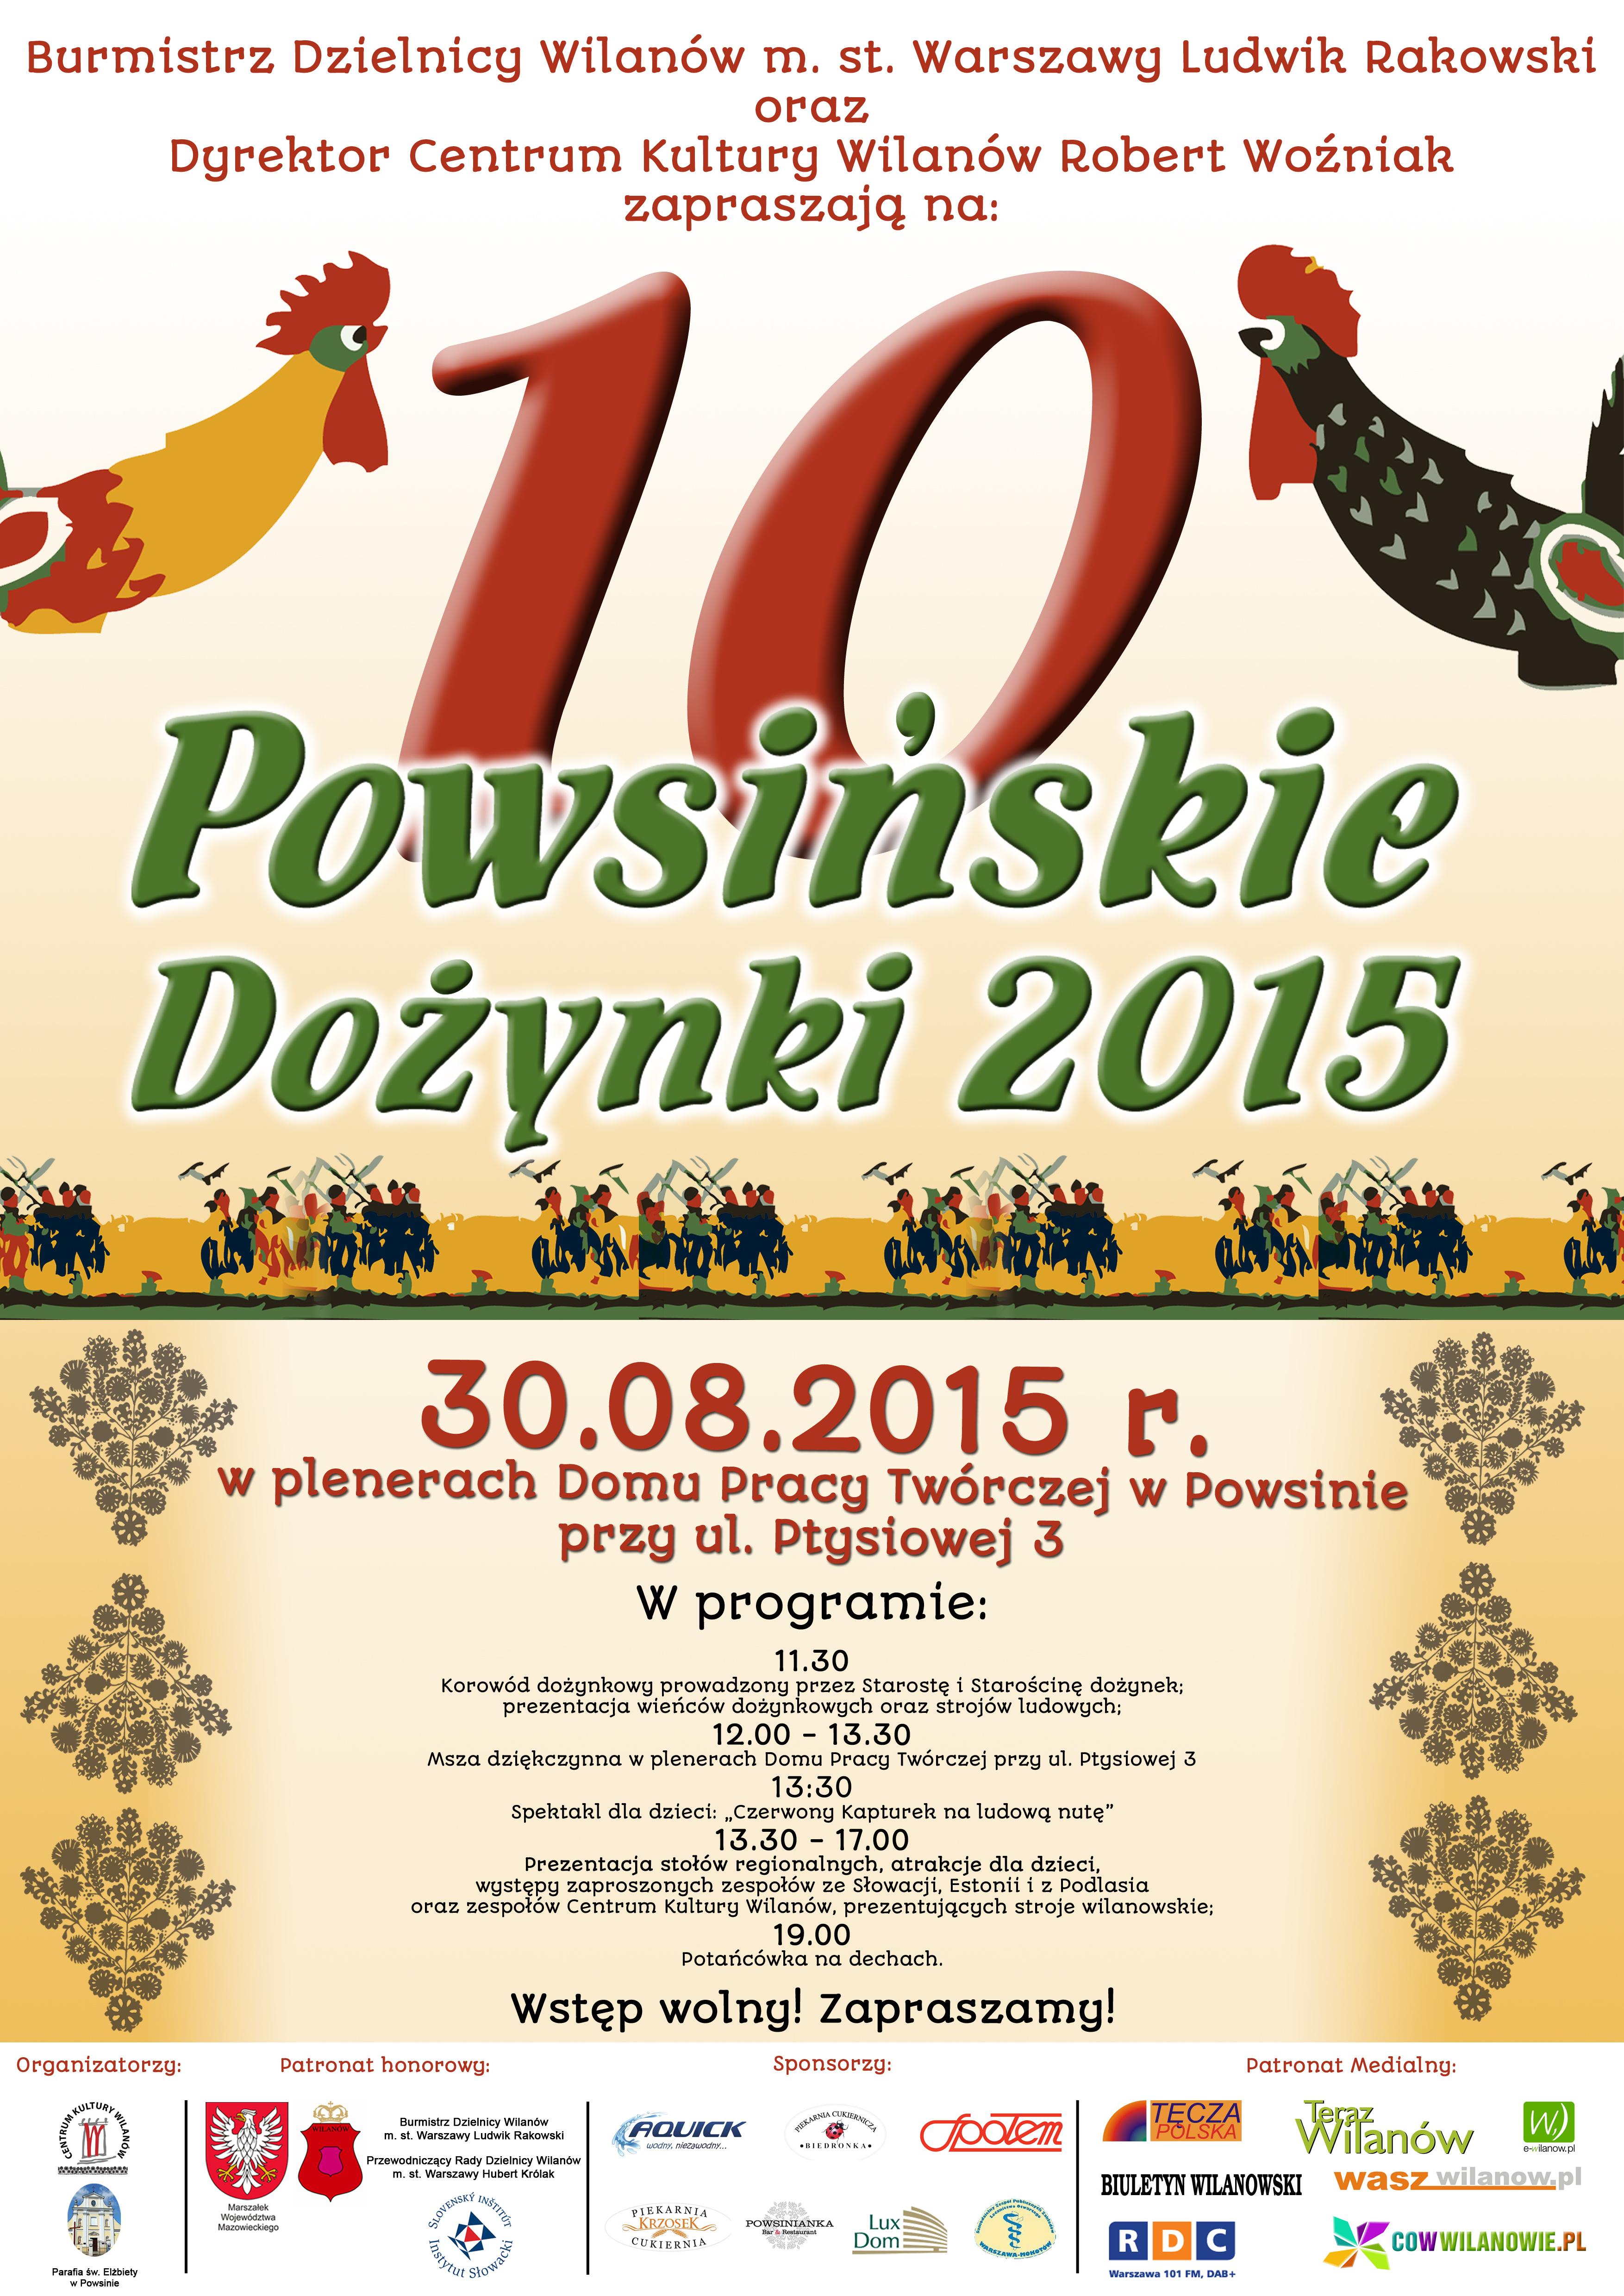 powsinskie_dozynki_2015